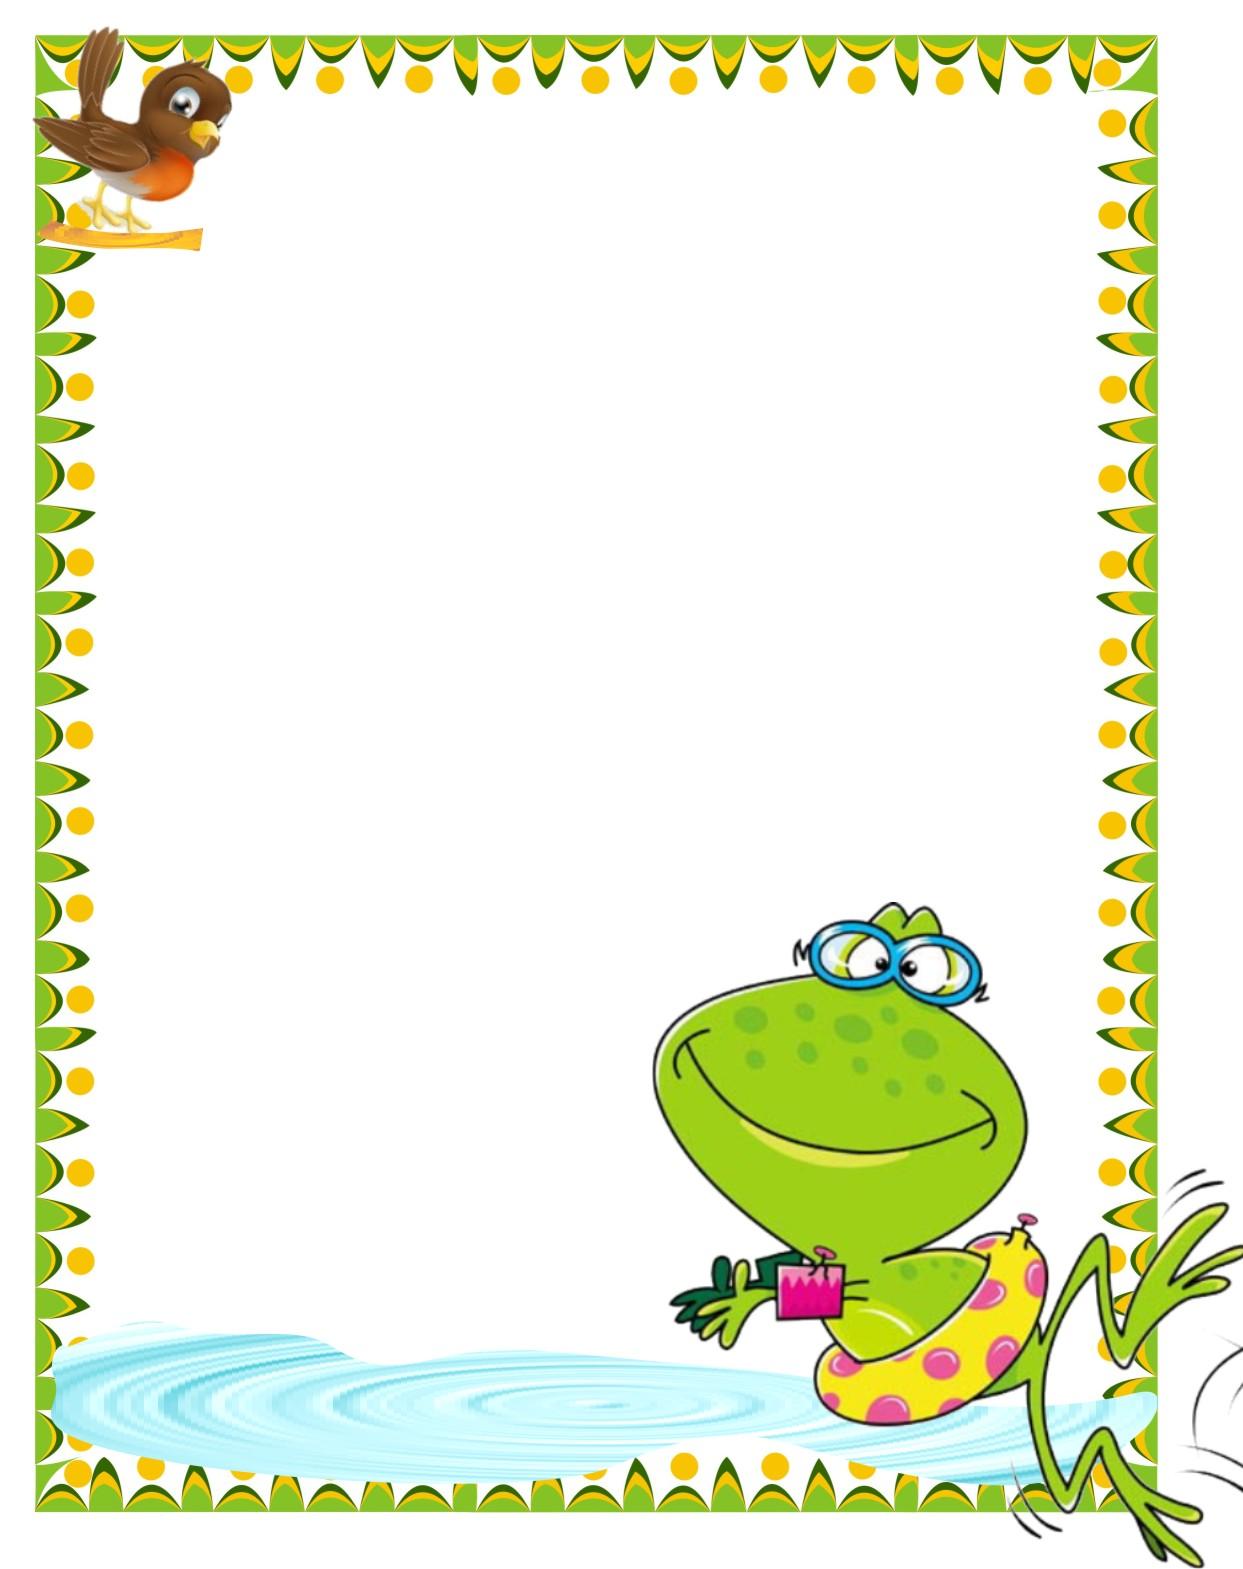 Caratulas escolares para niños - Imagui